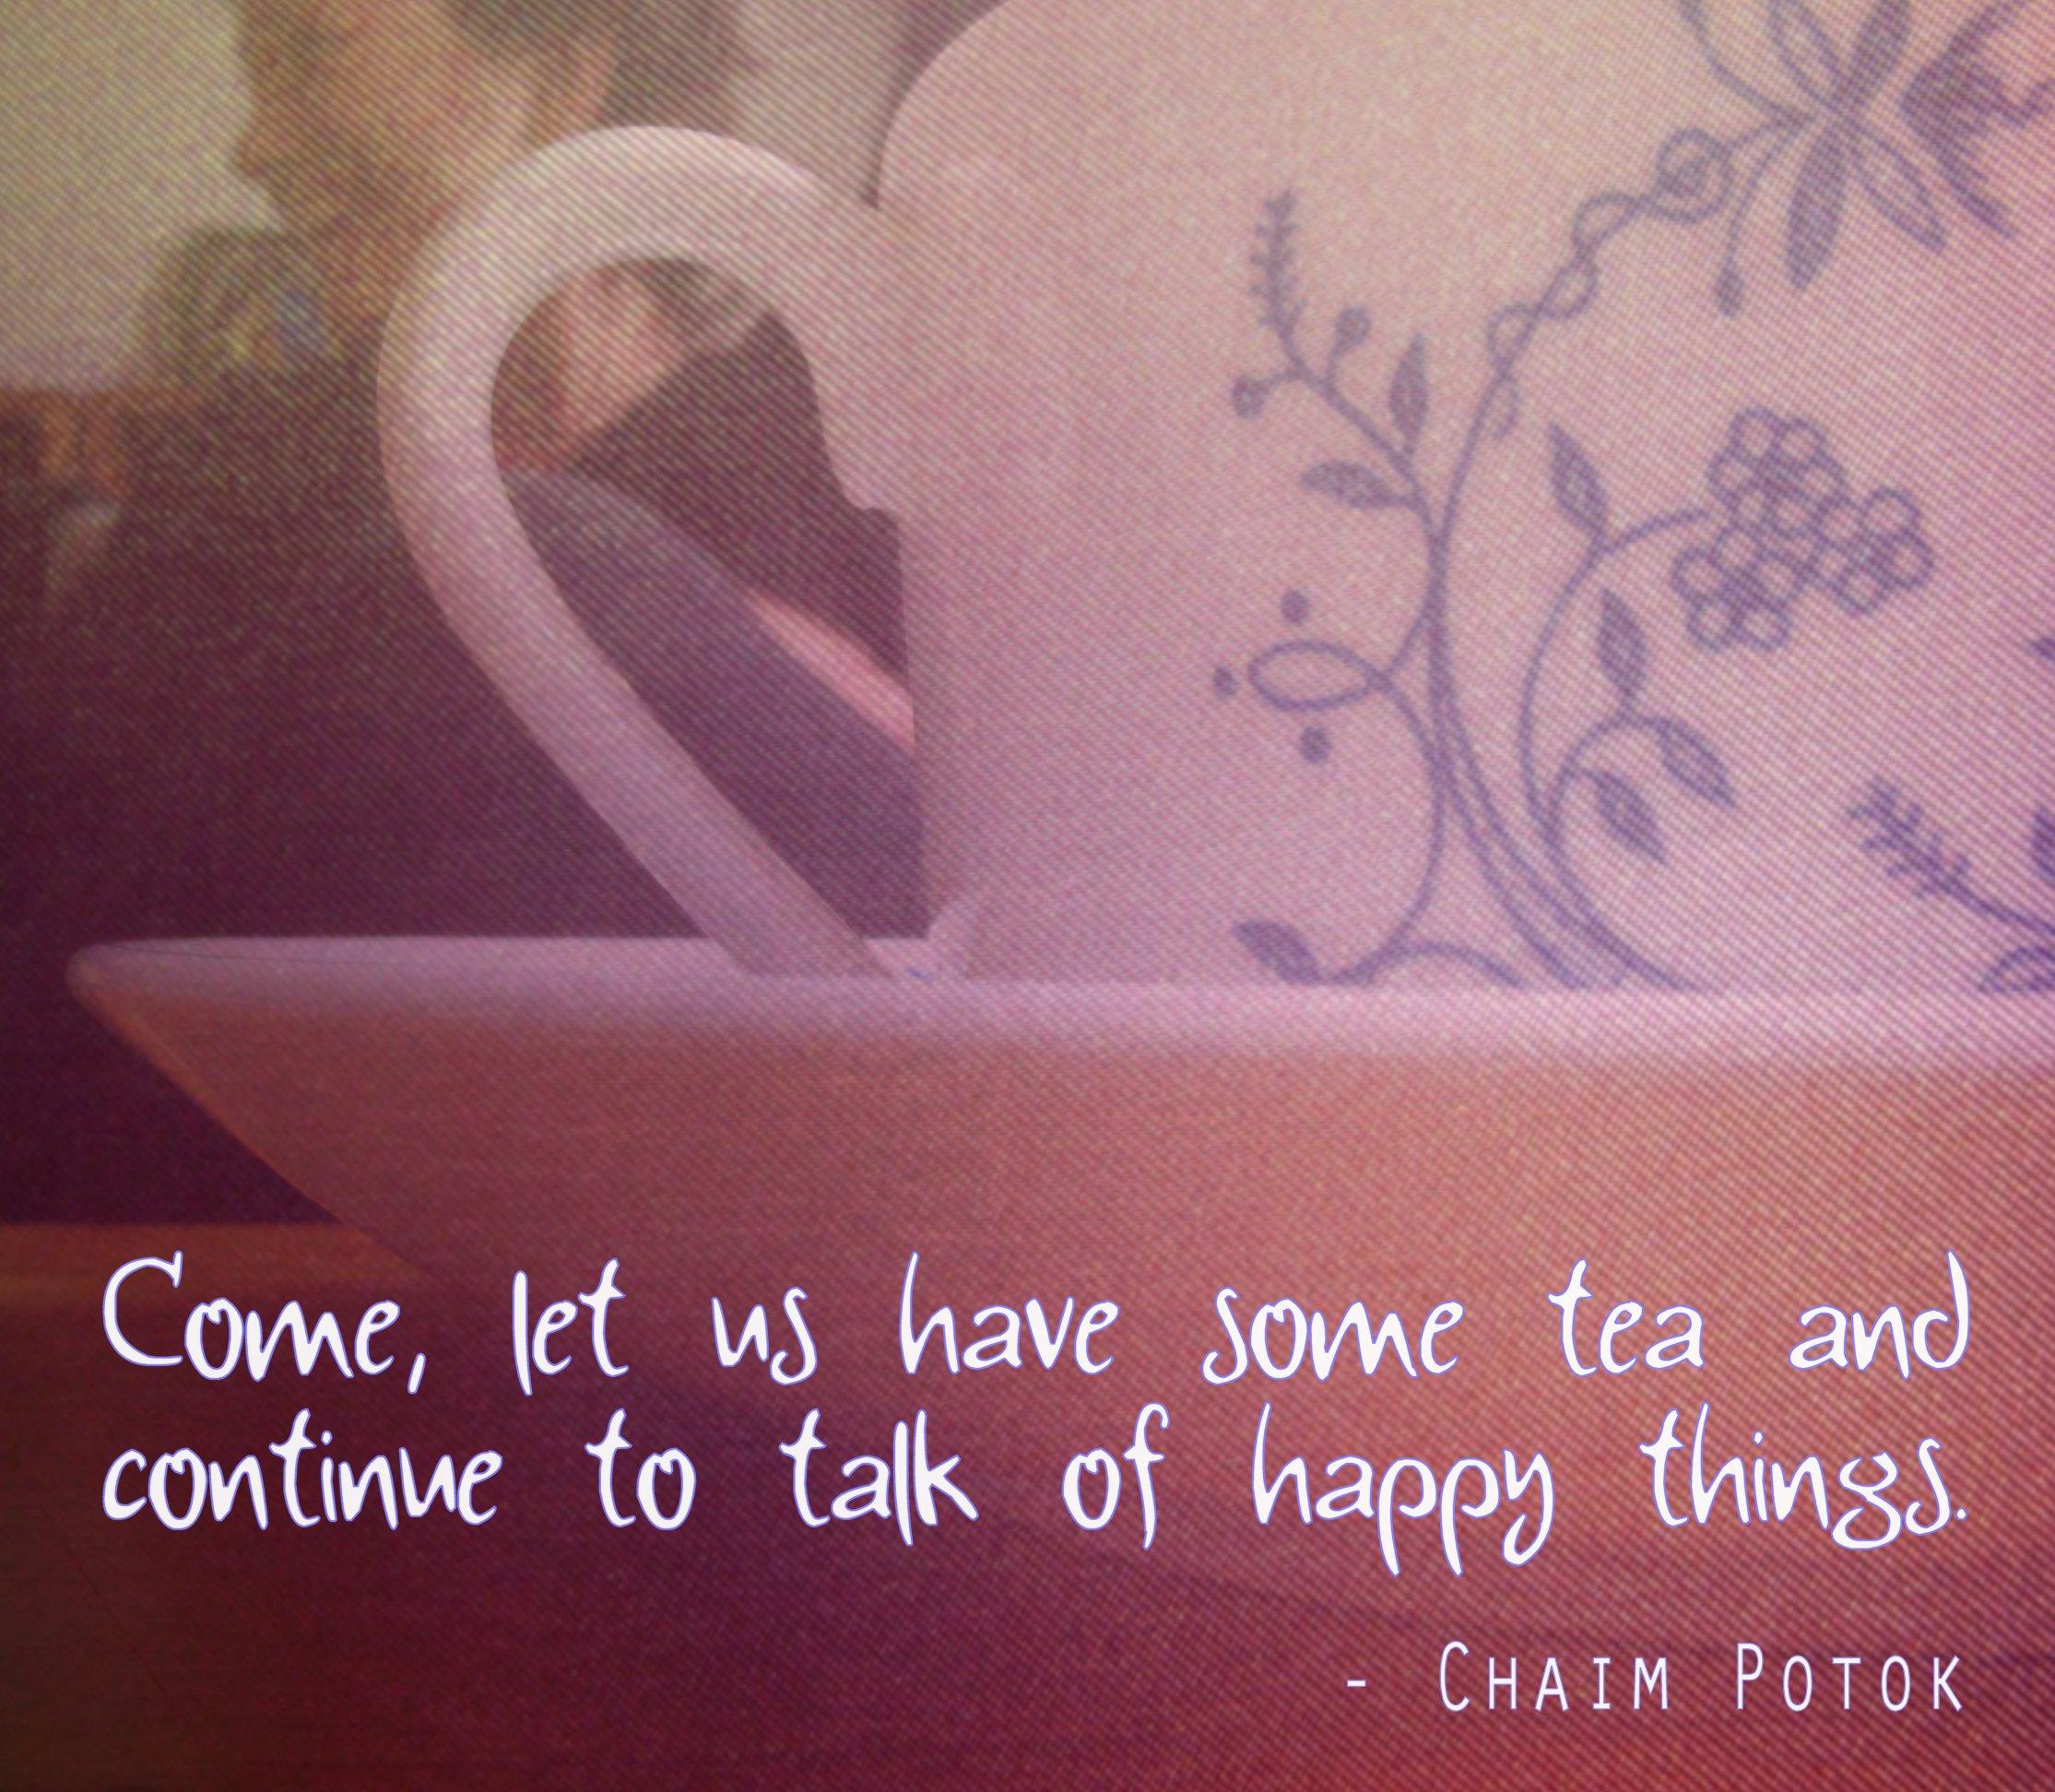 Chaim Potok's quote #1